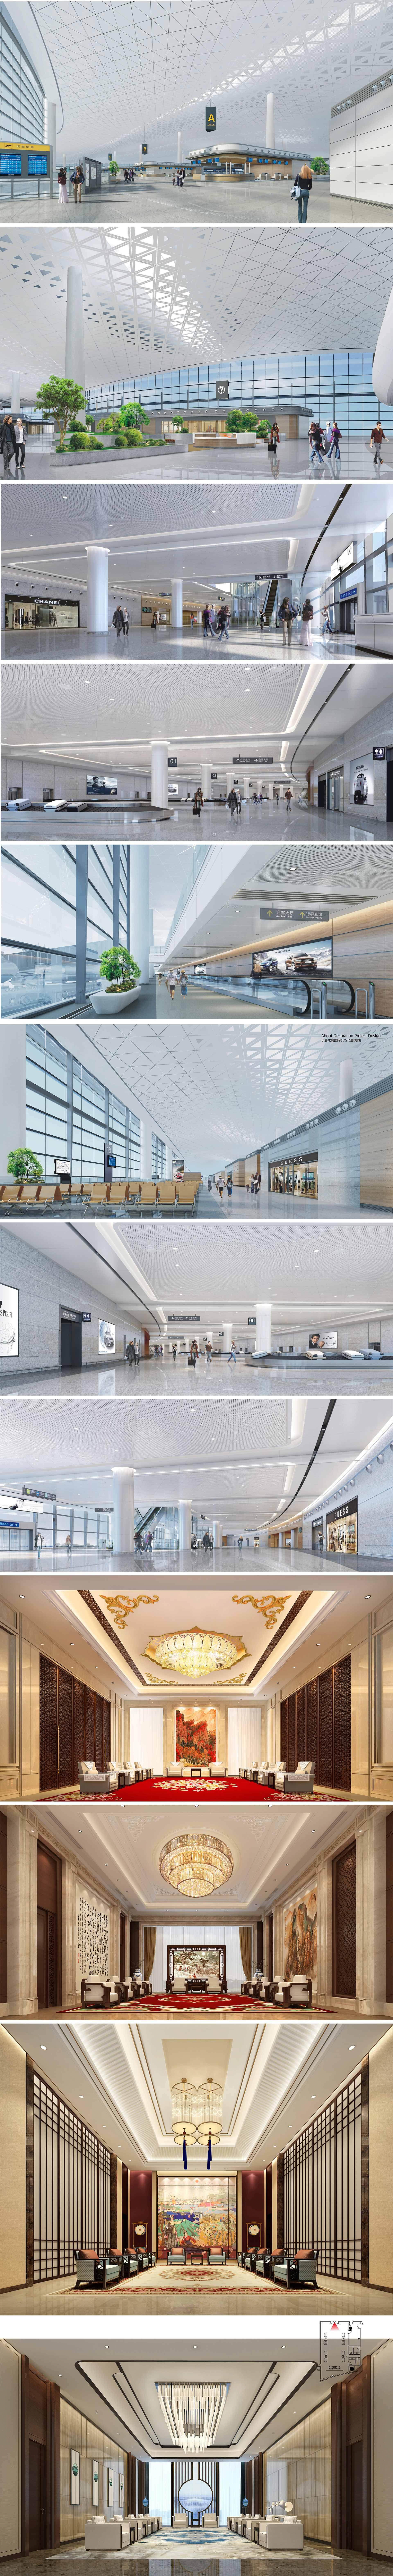 01——長春龍嘉國際機場T2航站樓.jpg